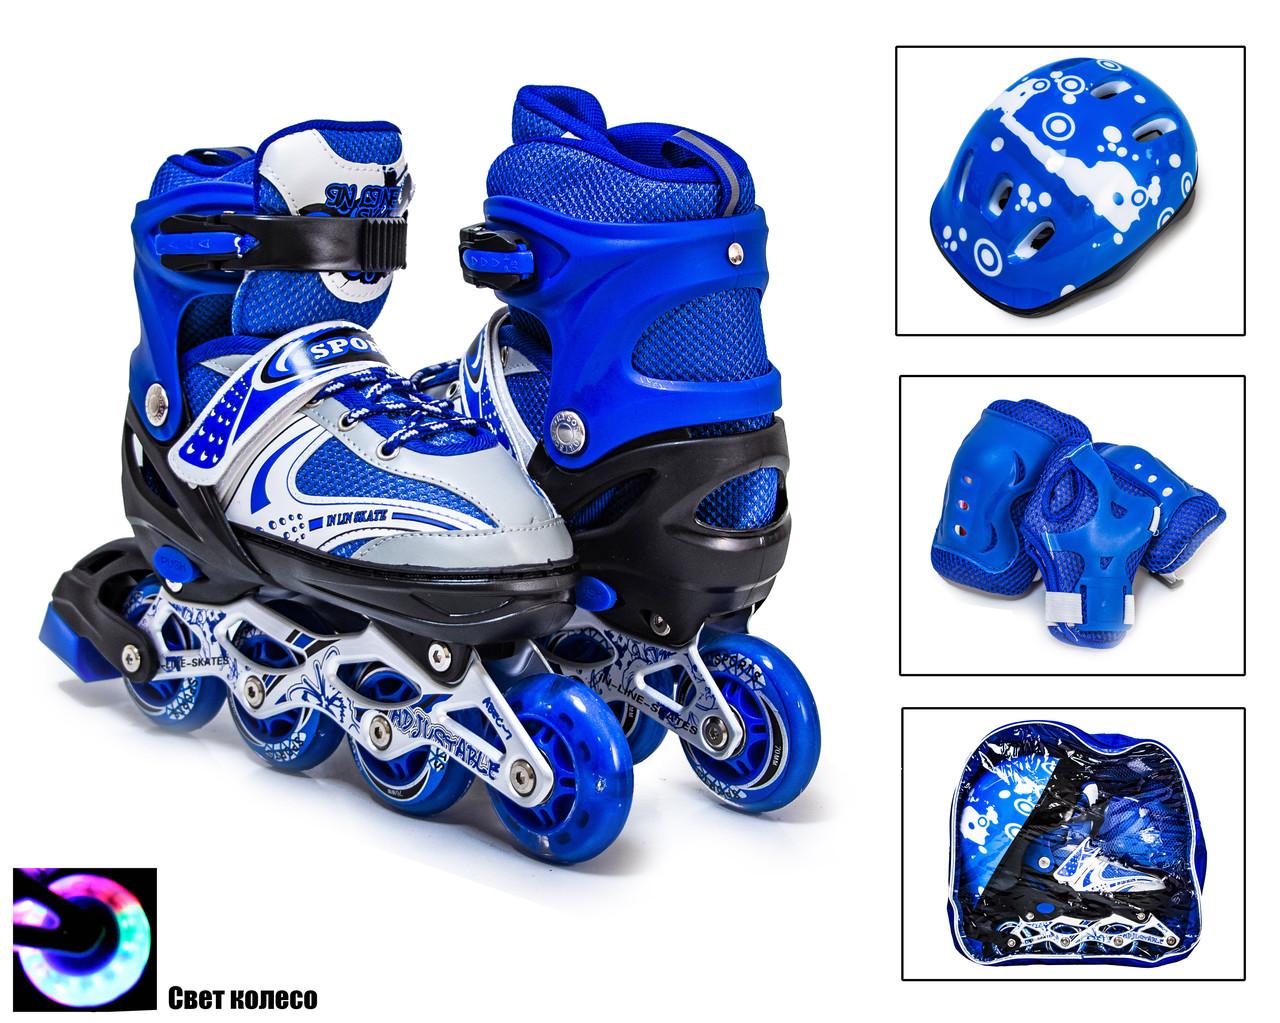 Комплект роликові ковзани Happy Blue розмір 34-37, сині, світяться колеса